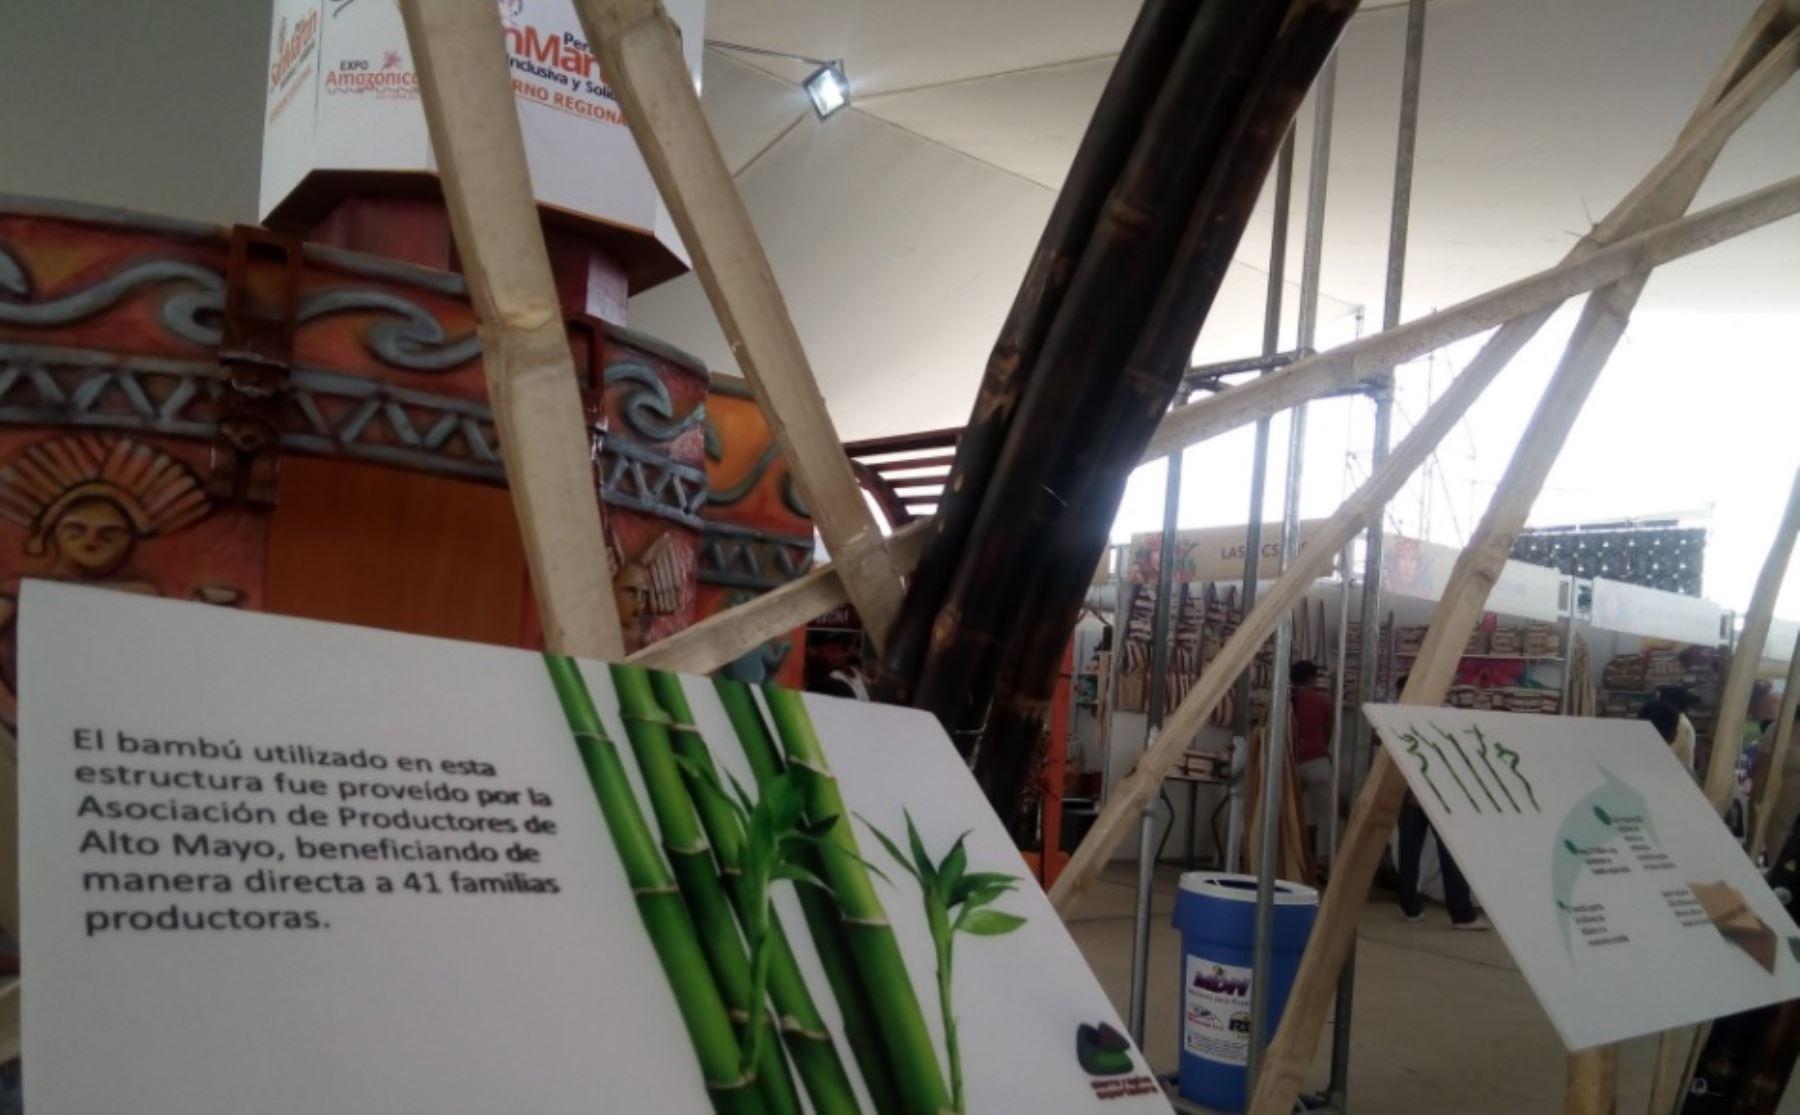 Bajo toda una estructura hecha de bambú, Sierra y Selva Exportadora viene promoviendo esta planta, así como el consumo de paiche durante la feria Expo Amazónica 2017, que se realiza en la región San Martín.ANDINA/Difusión